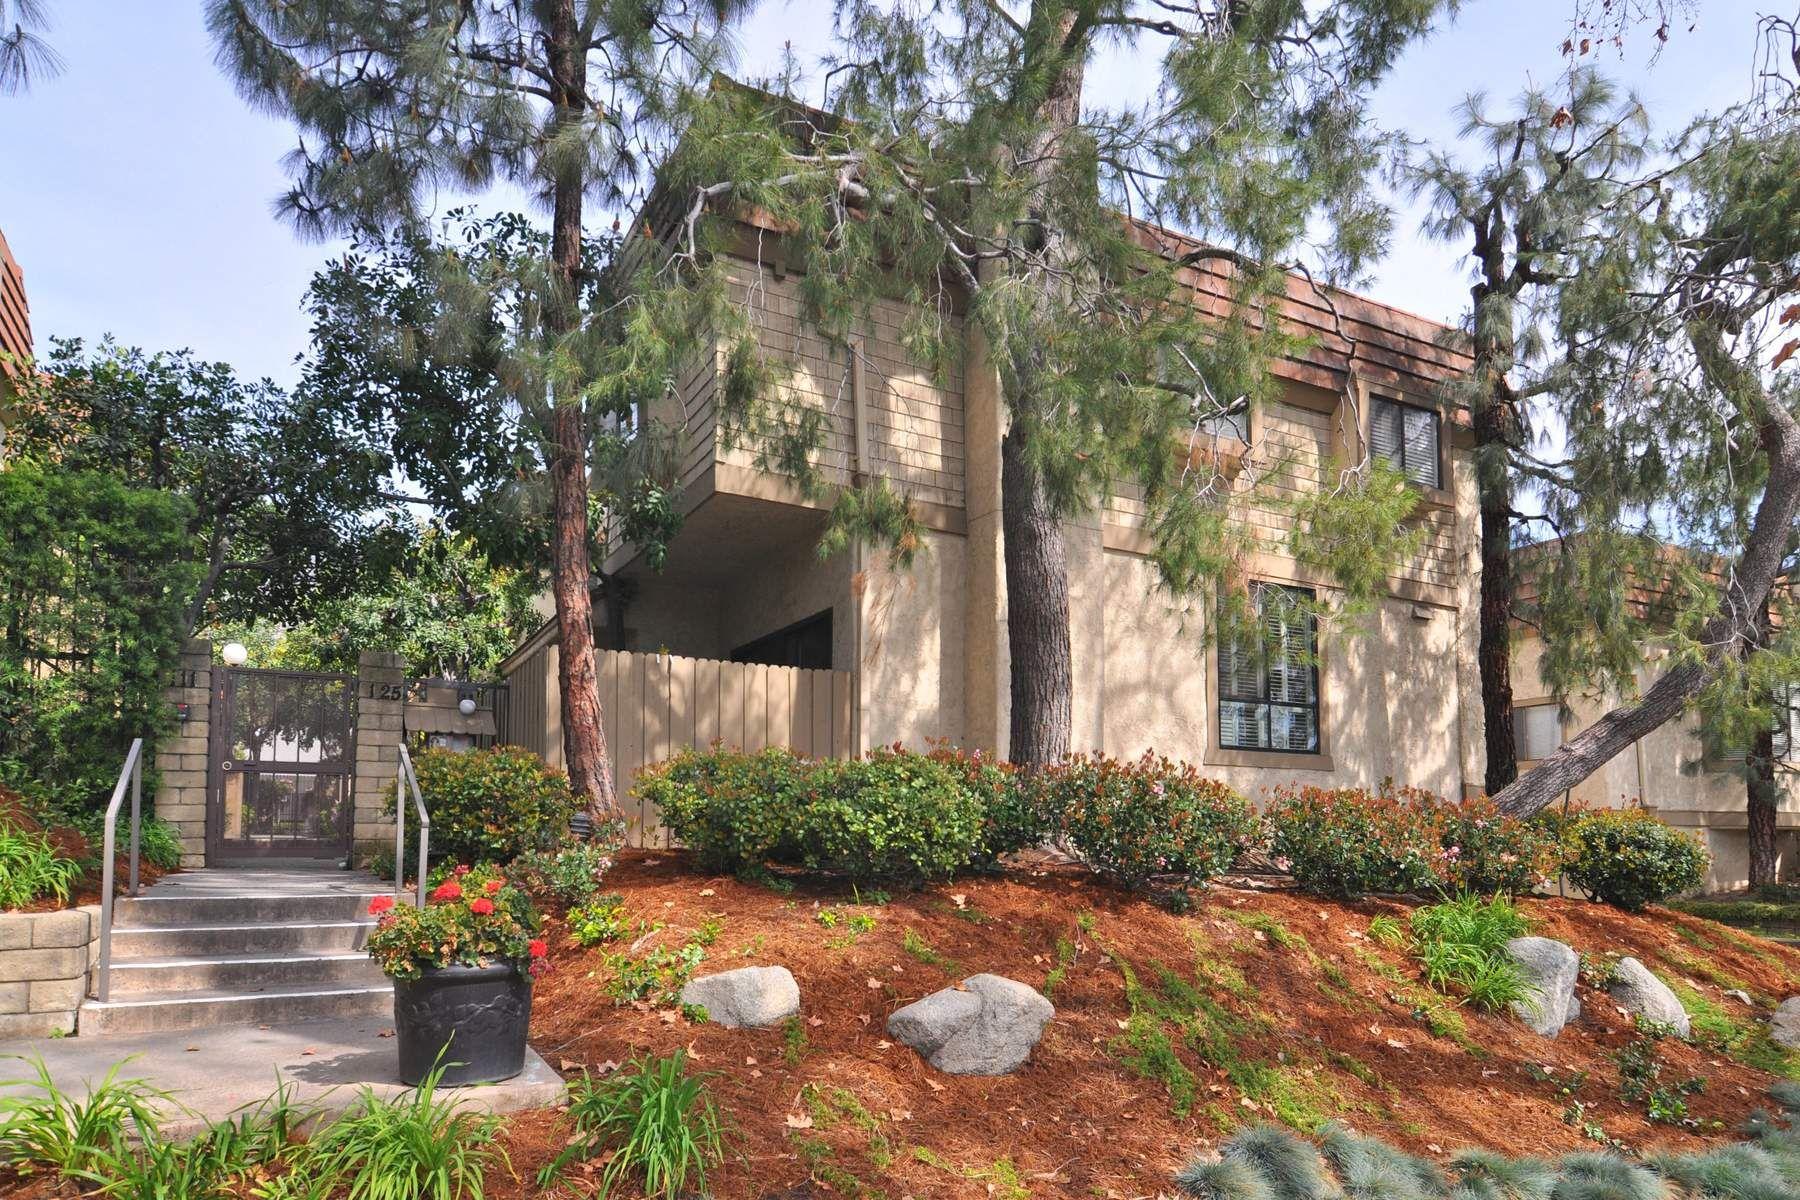 タウンハウス のために 売買 アット Spacious Sierra Madre Town Home 137 East Sierra Madre Boulevard Unit E, Sierra Madre, カリフォルニア, 91024 アメリカ合衆国